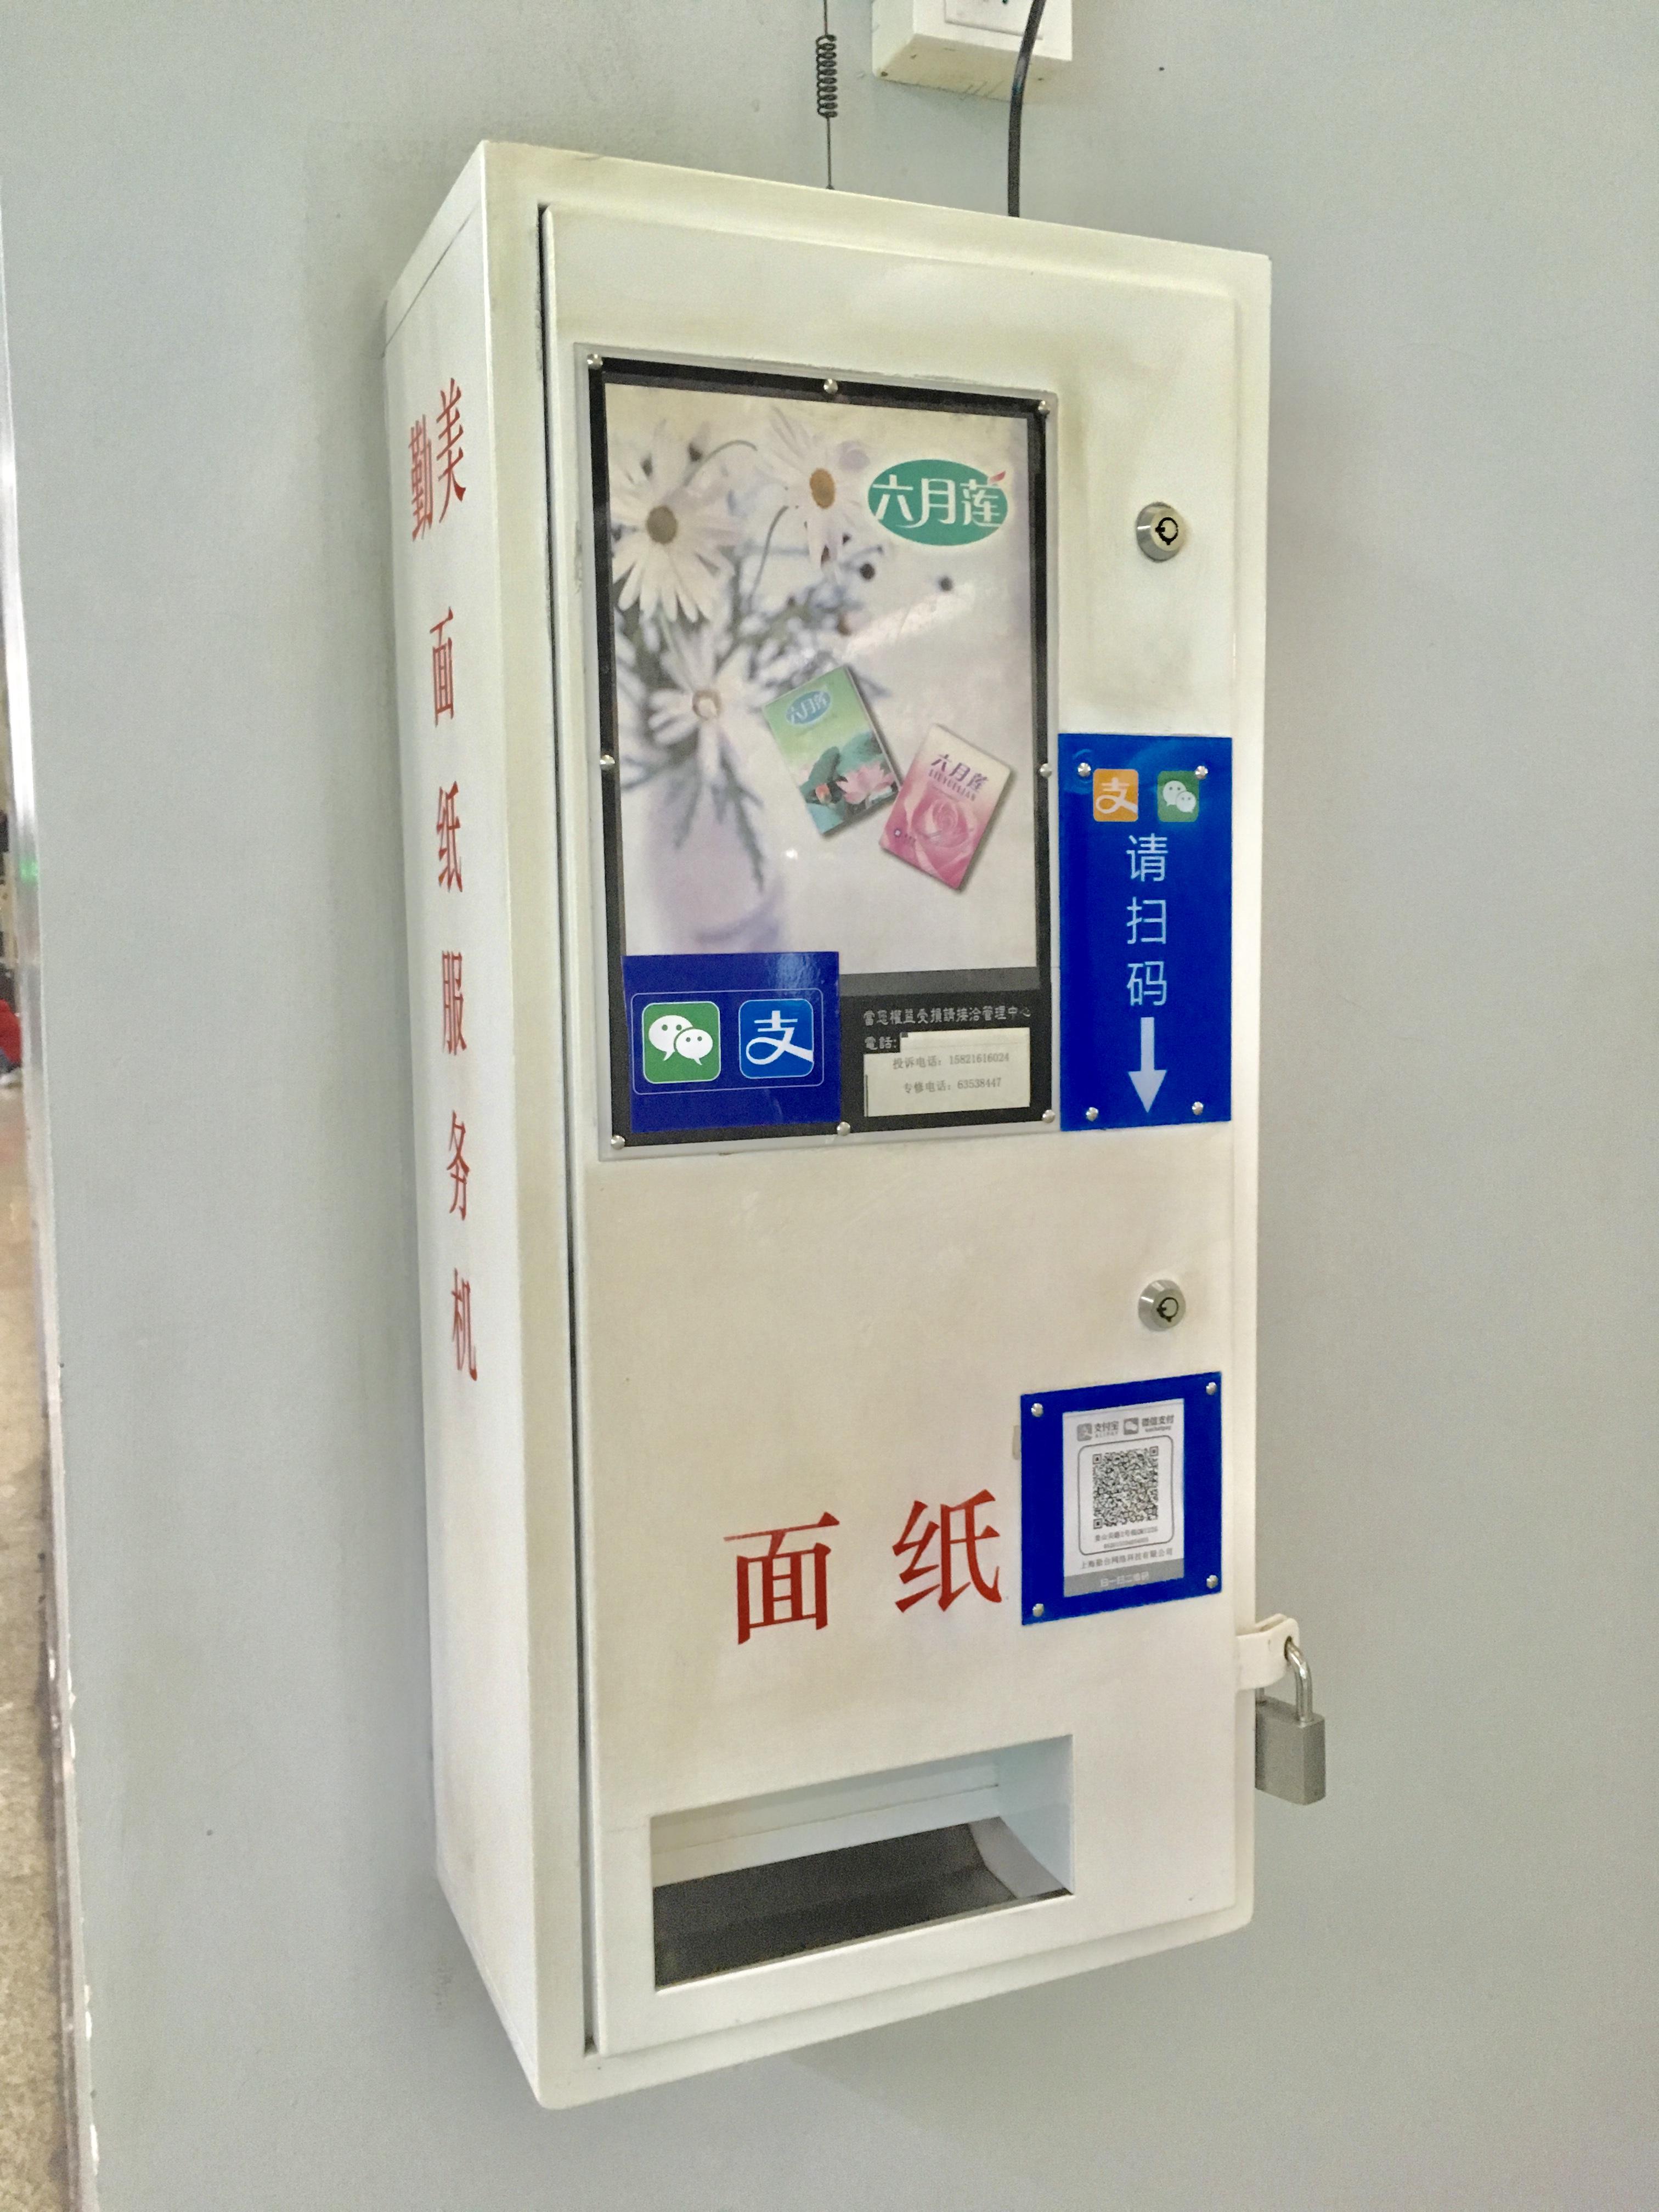 【上海】地下鉄ティッシュペーパーはスマホで購入